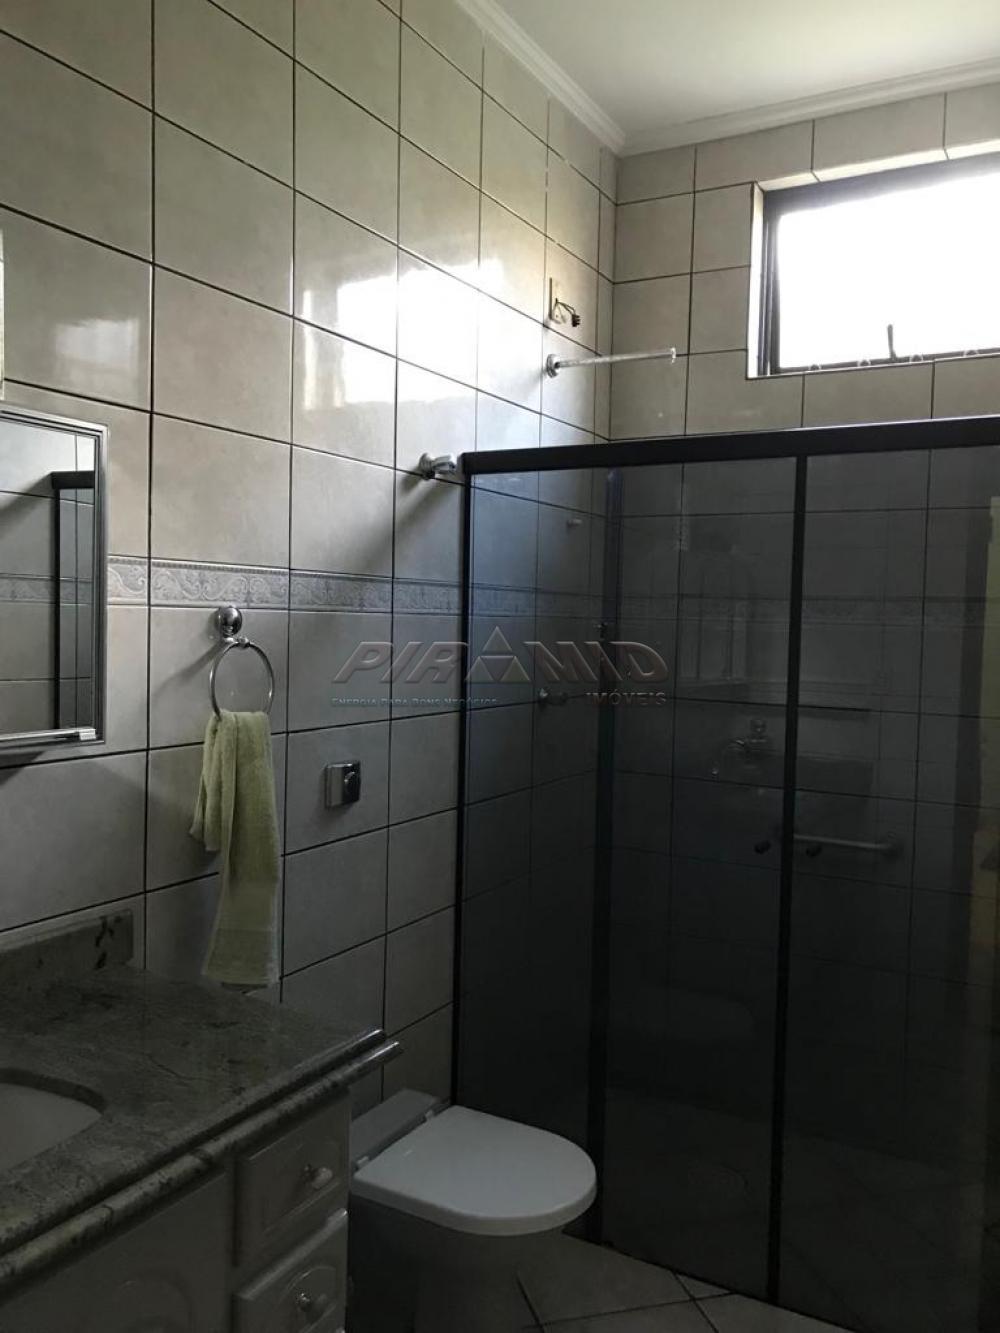 Comprar Casa / Padrão em Ribeirão Preto apenas R$ 385.000,00 - Foto 17